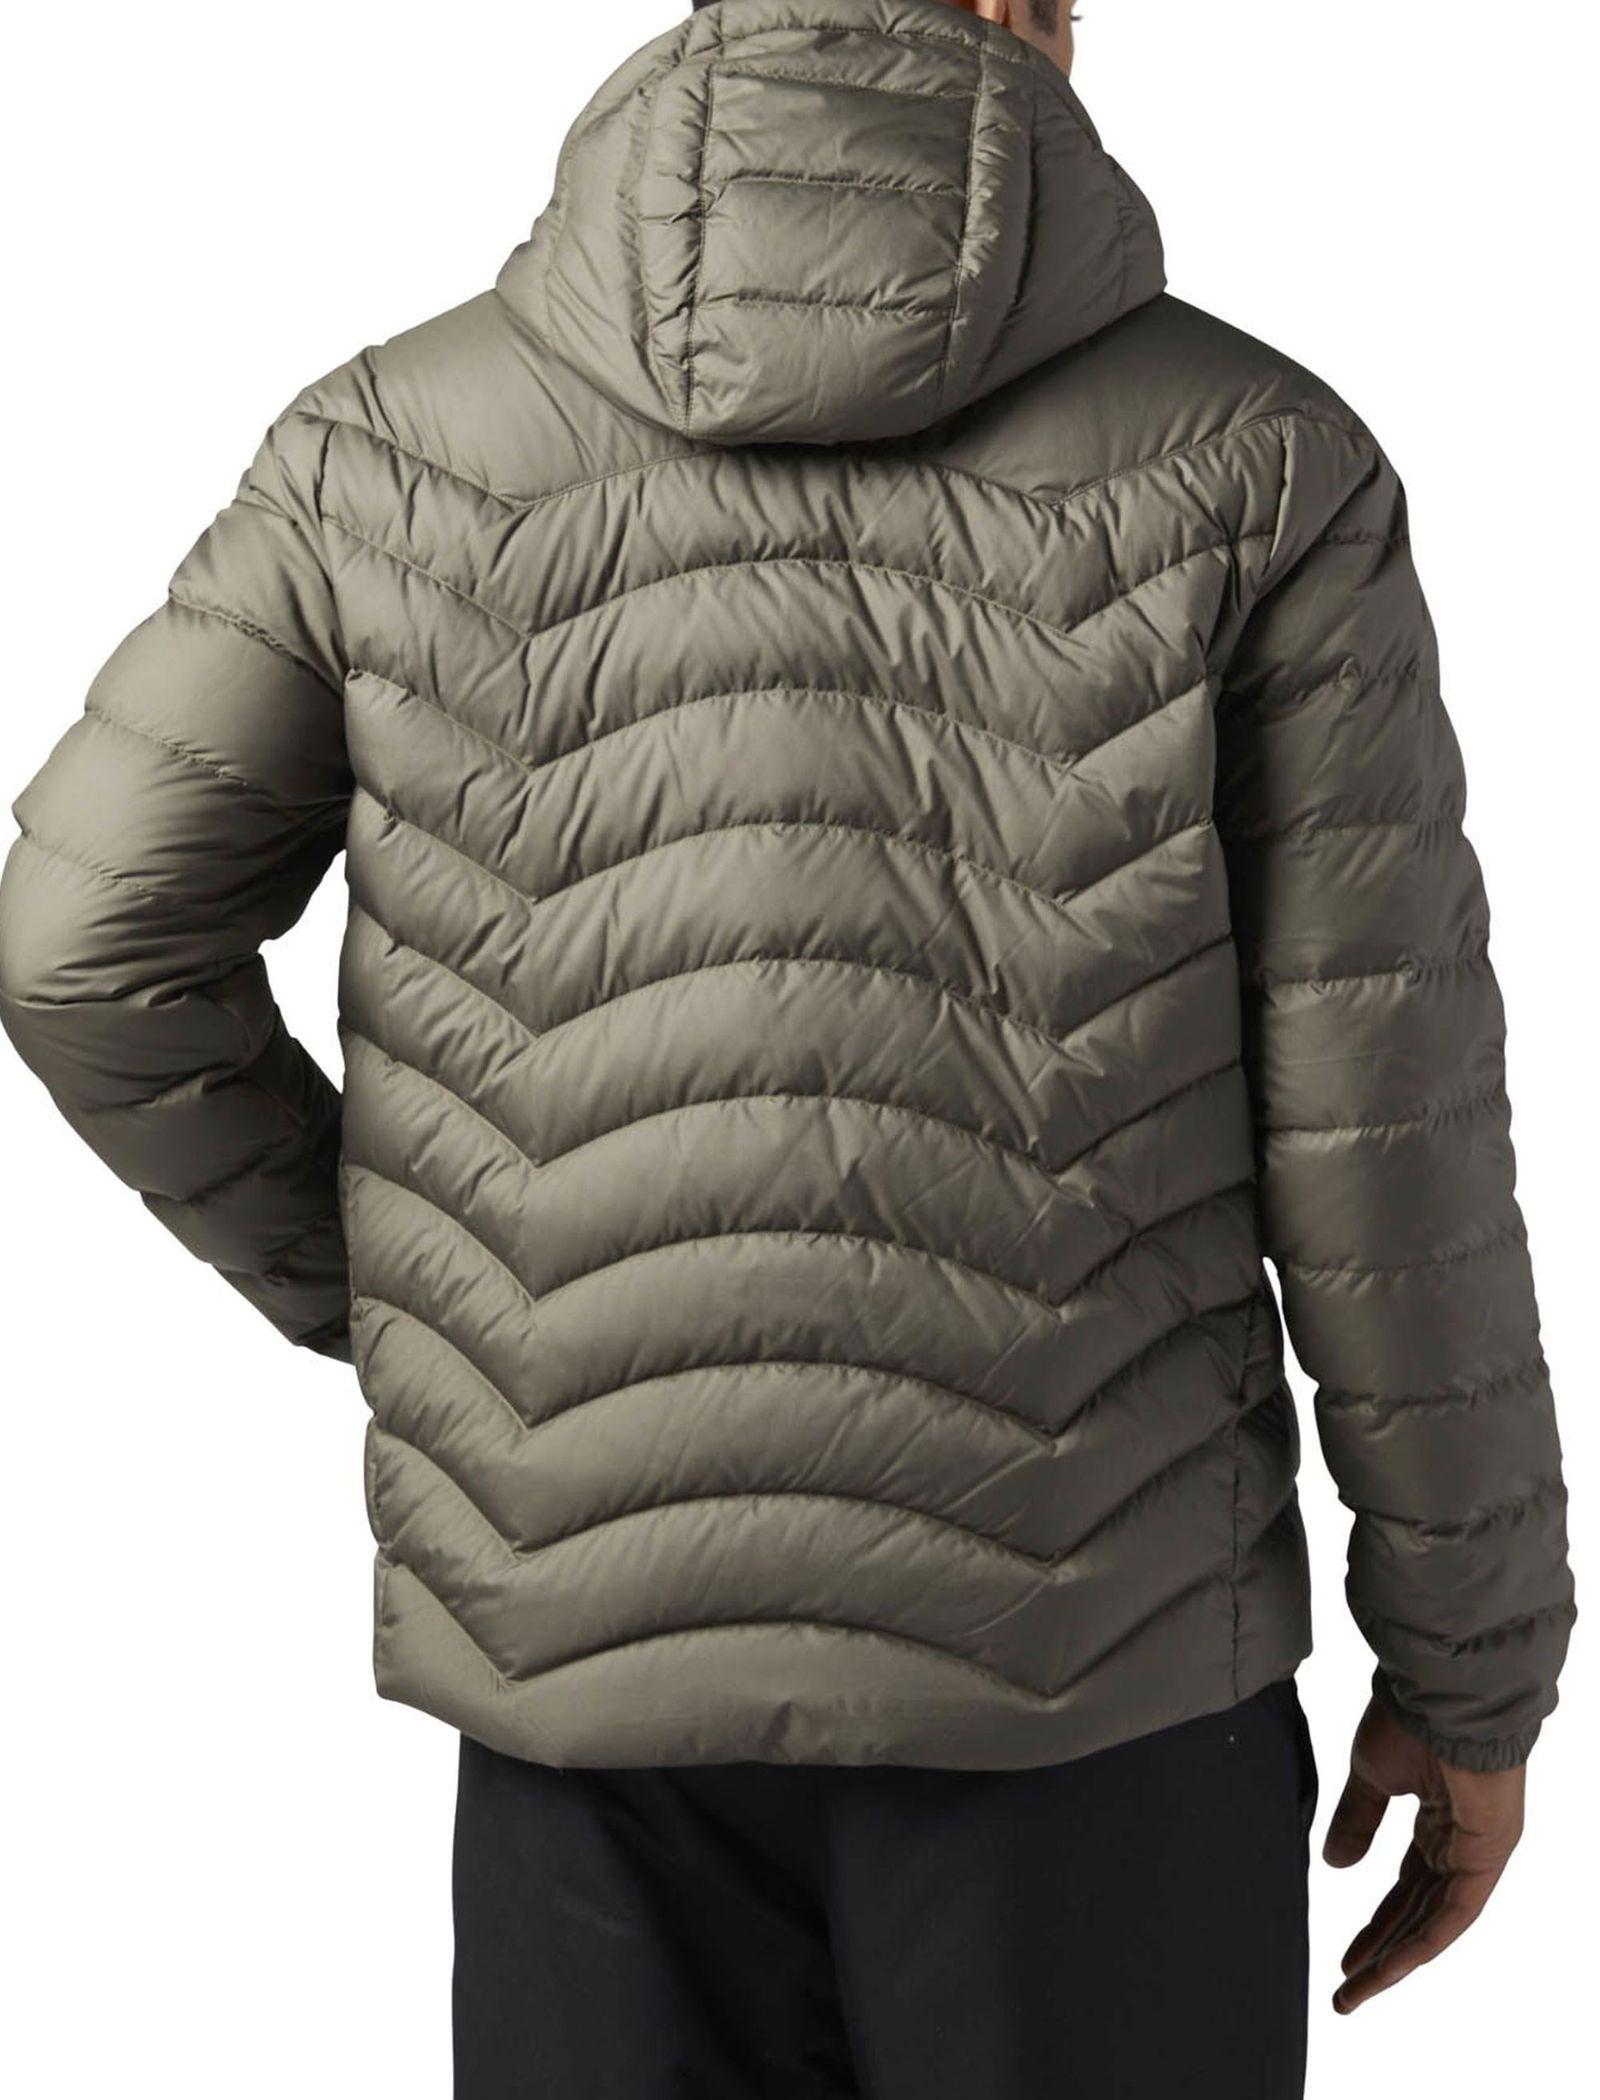 کاپشن کوتاه مردانه Down Jacket - ریباک - زيتوني قهوه اي - 5